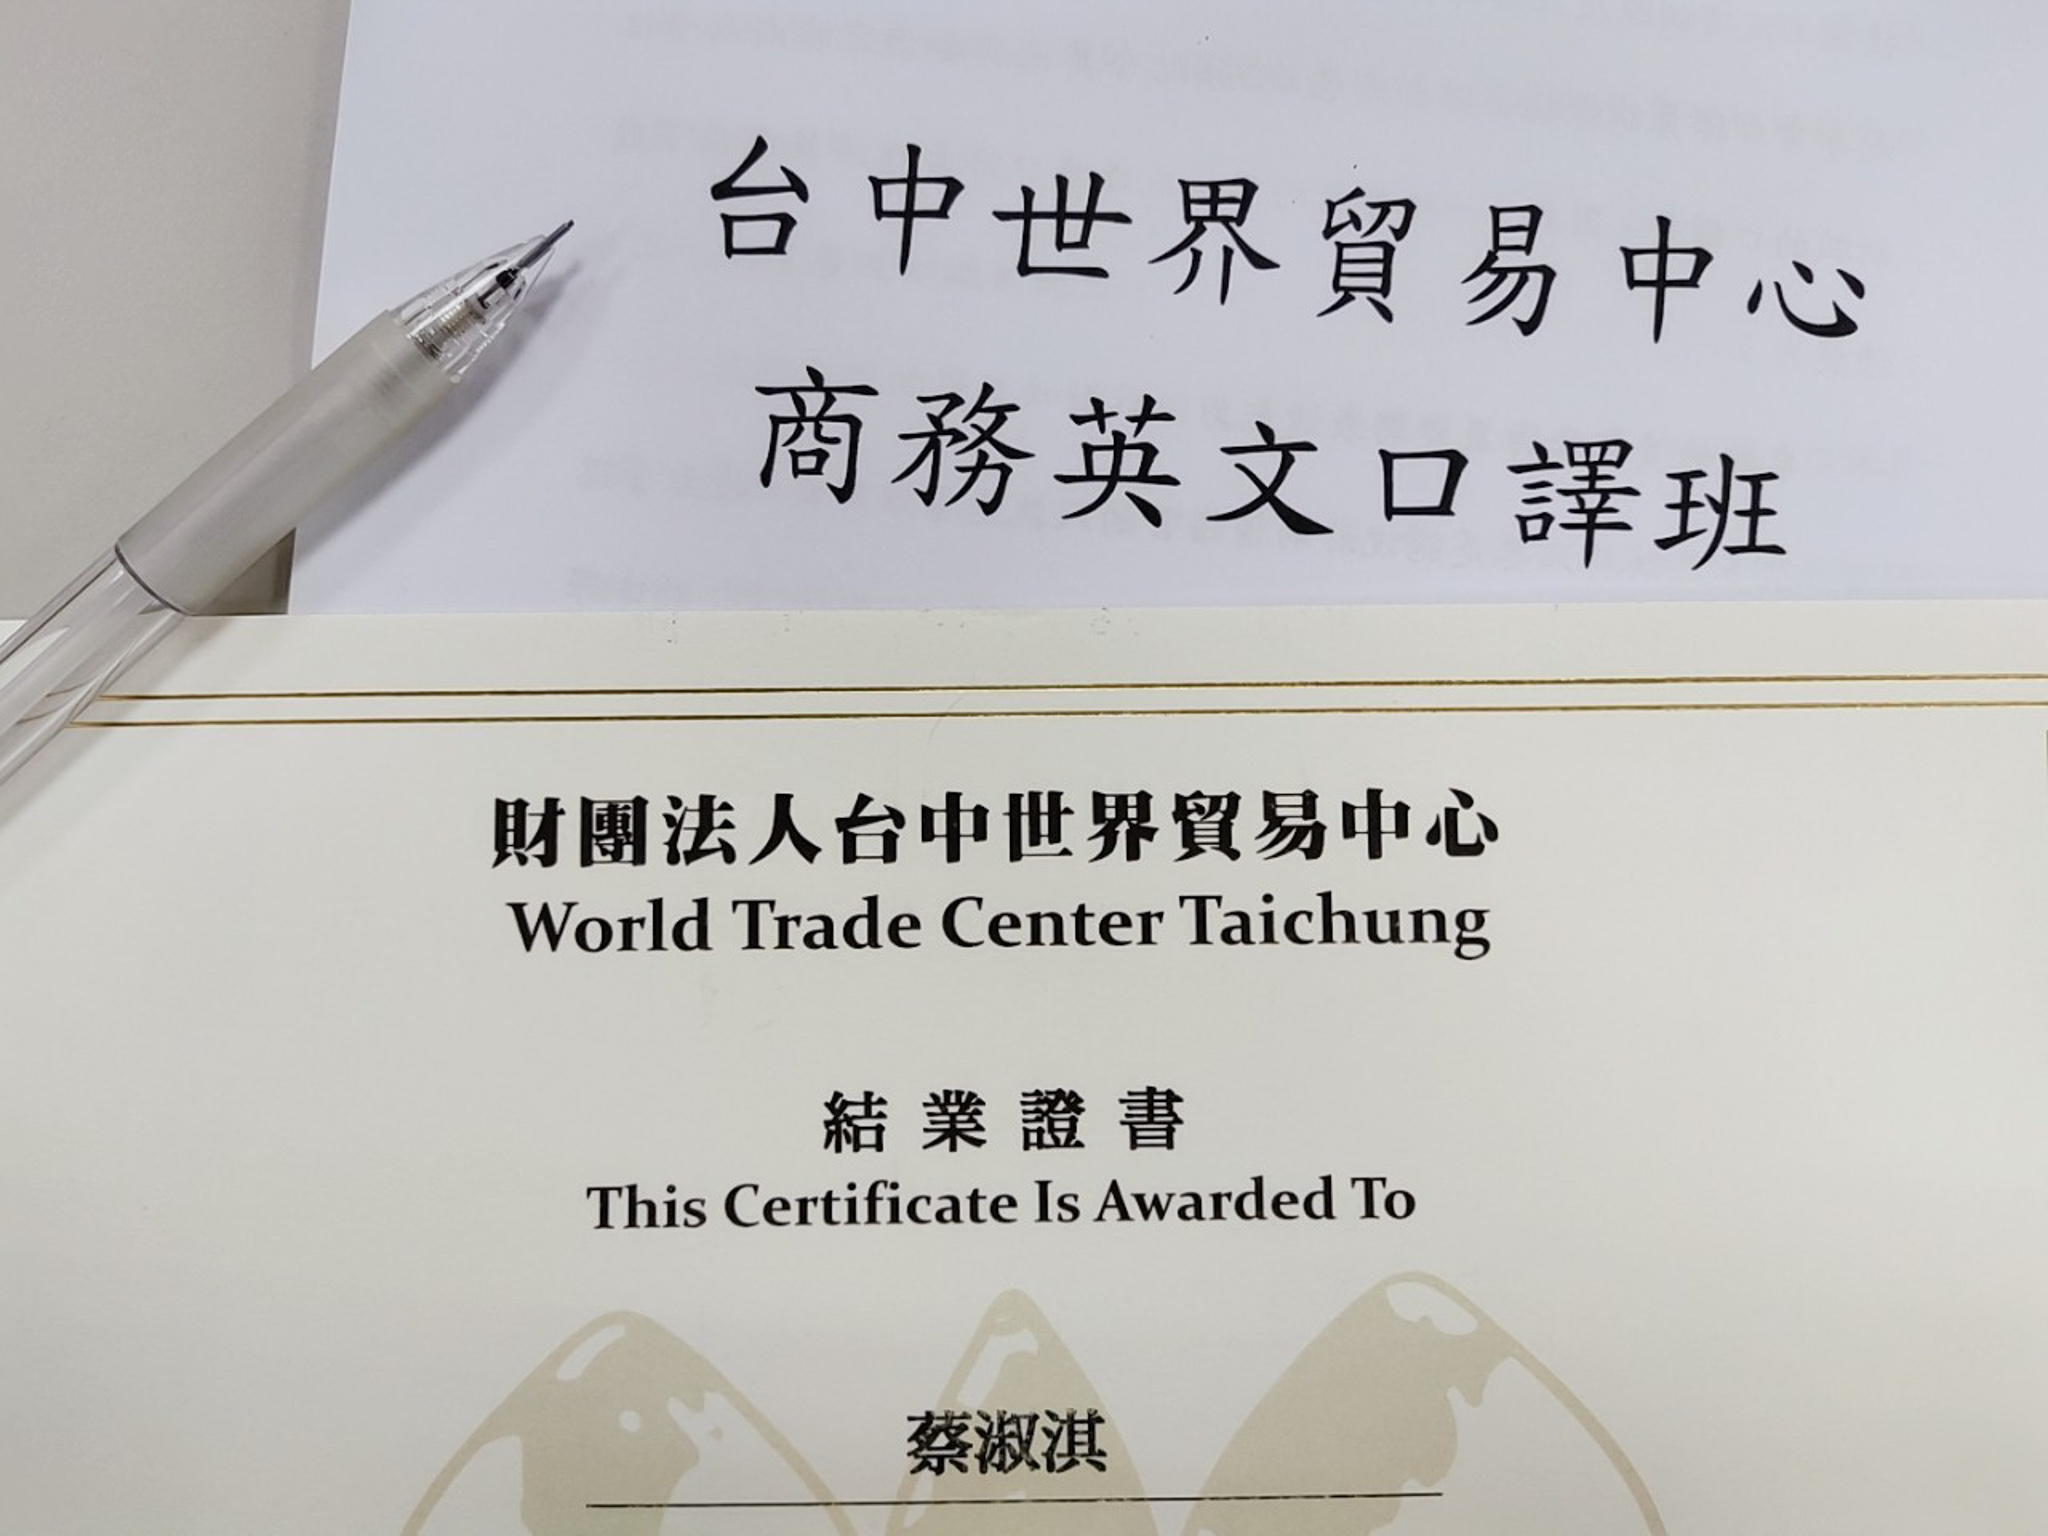 提升語言能力,參與台中世貿主辦的商務英文口譯班的課程